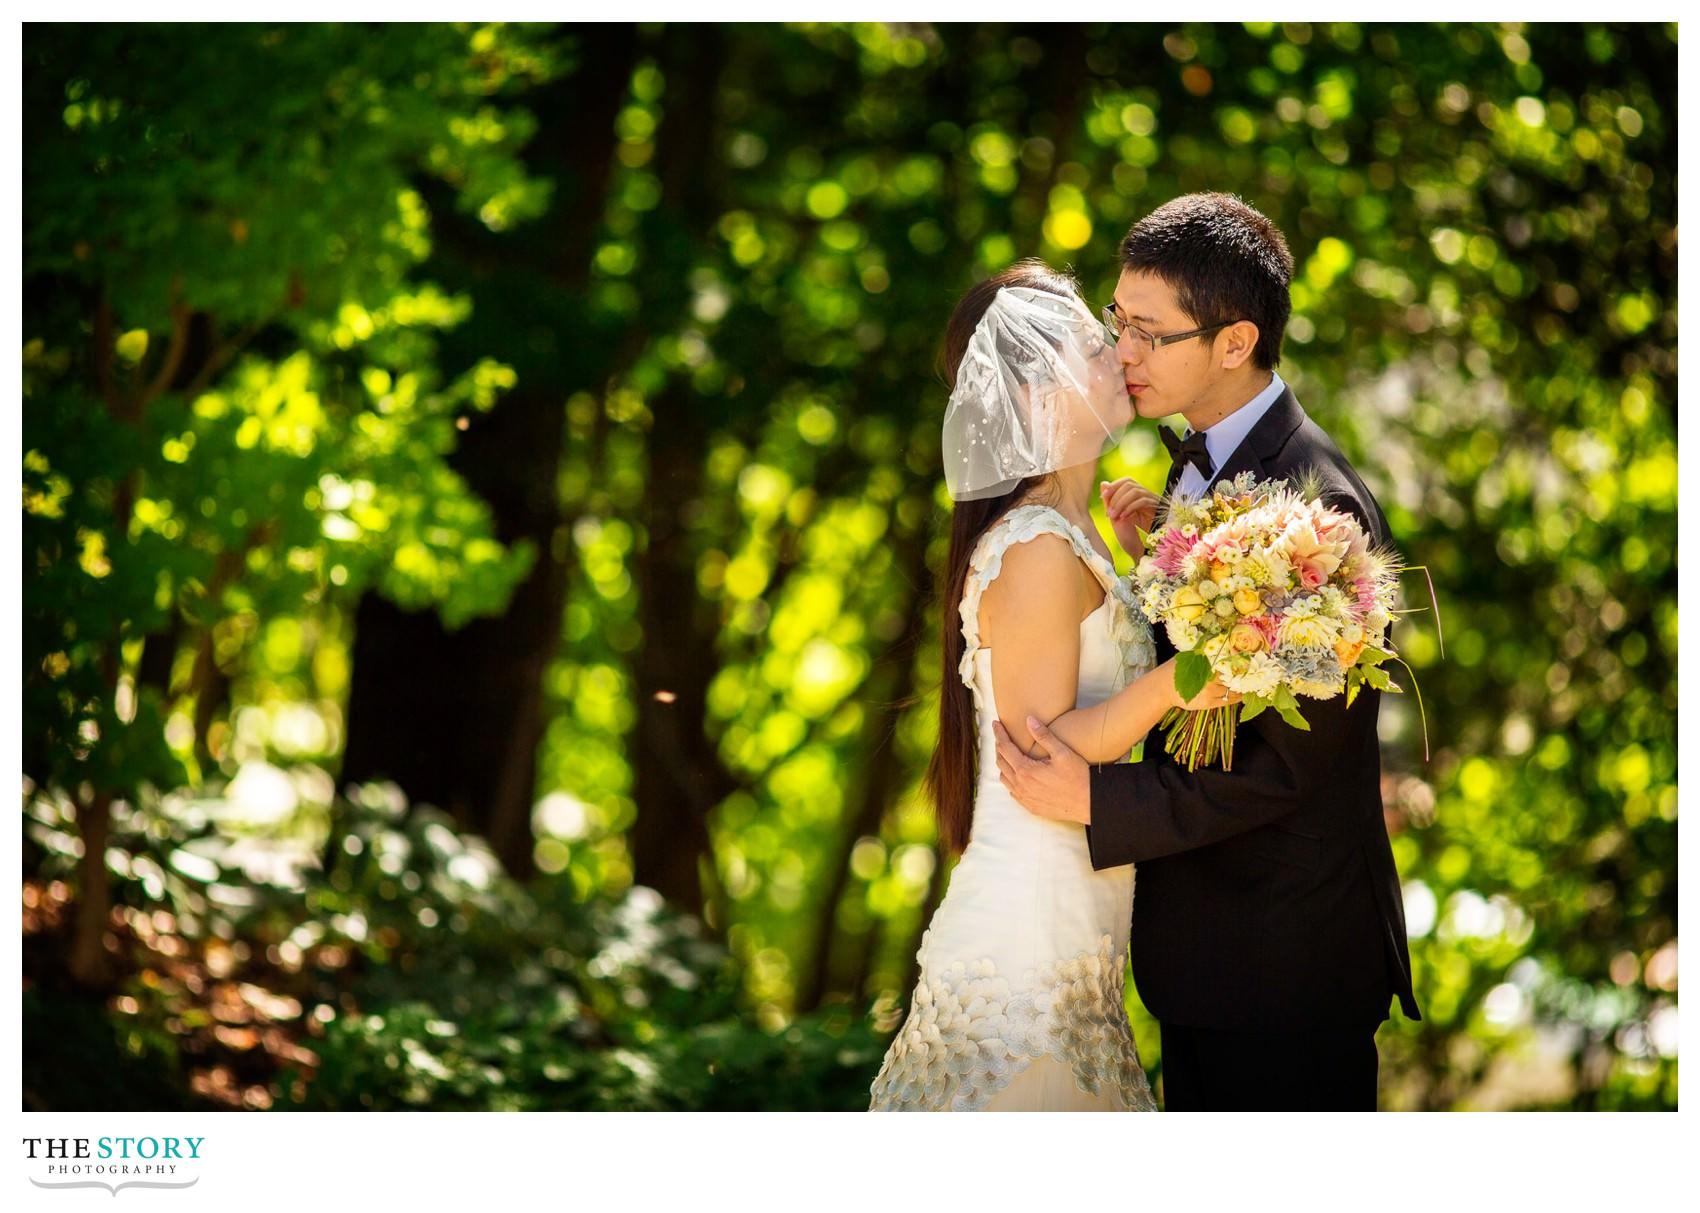 wedding photos at Cornell A.D. White Gardens